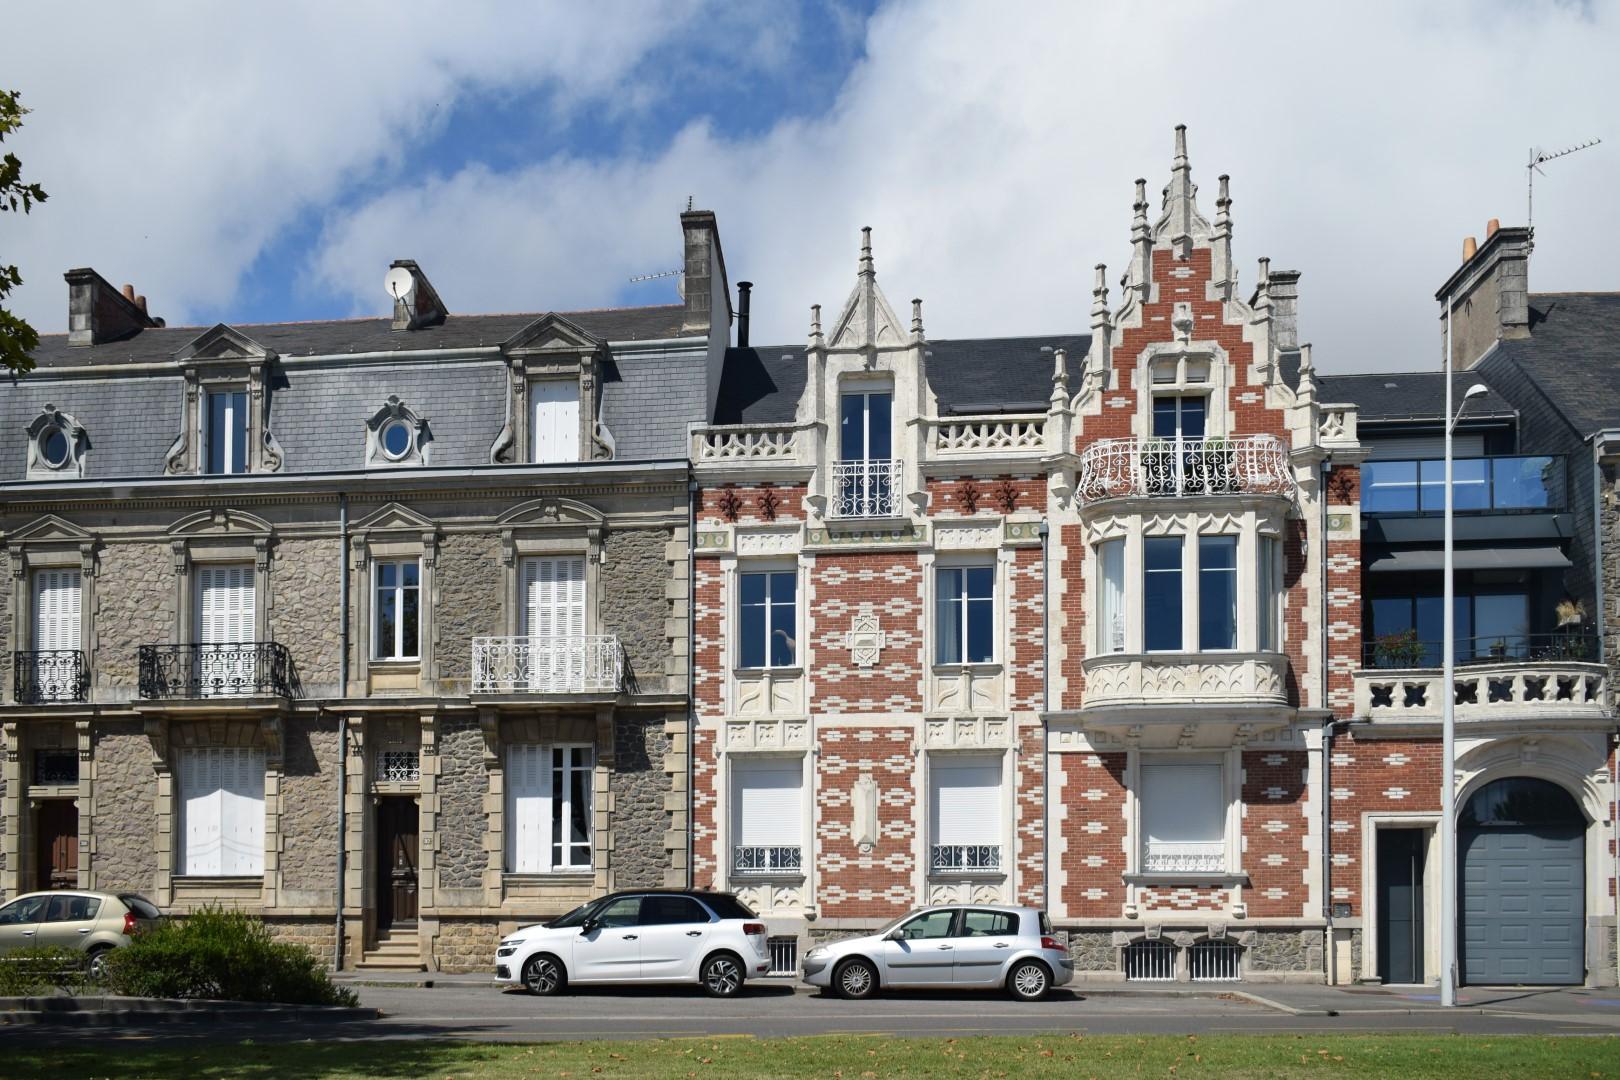 Boulevard du Président Wilson, Saint-Nazaire, August 2020